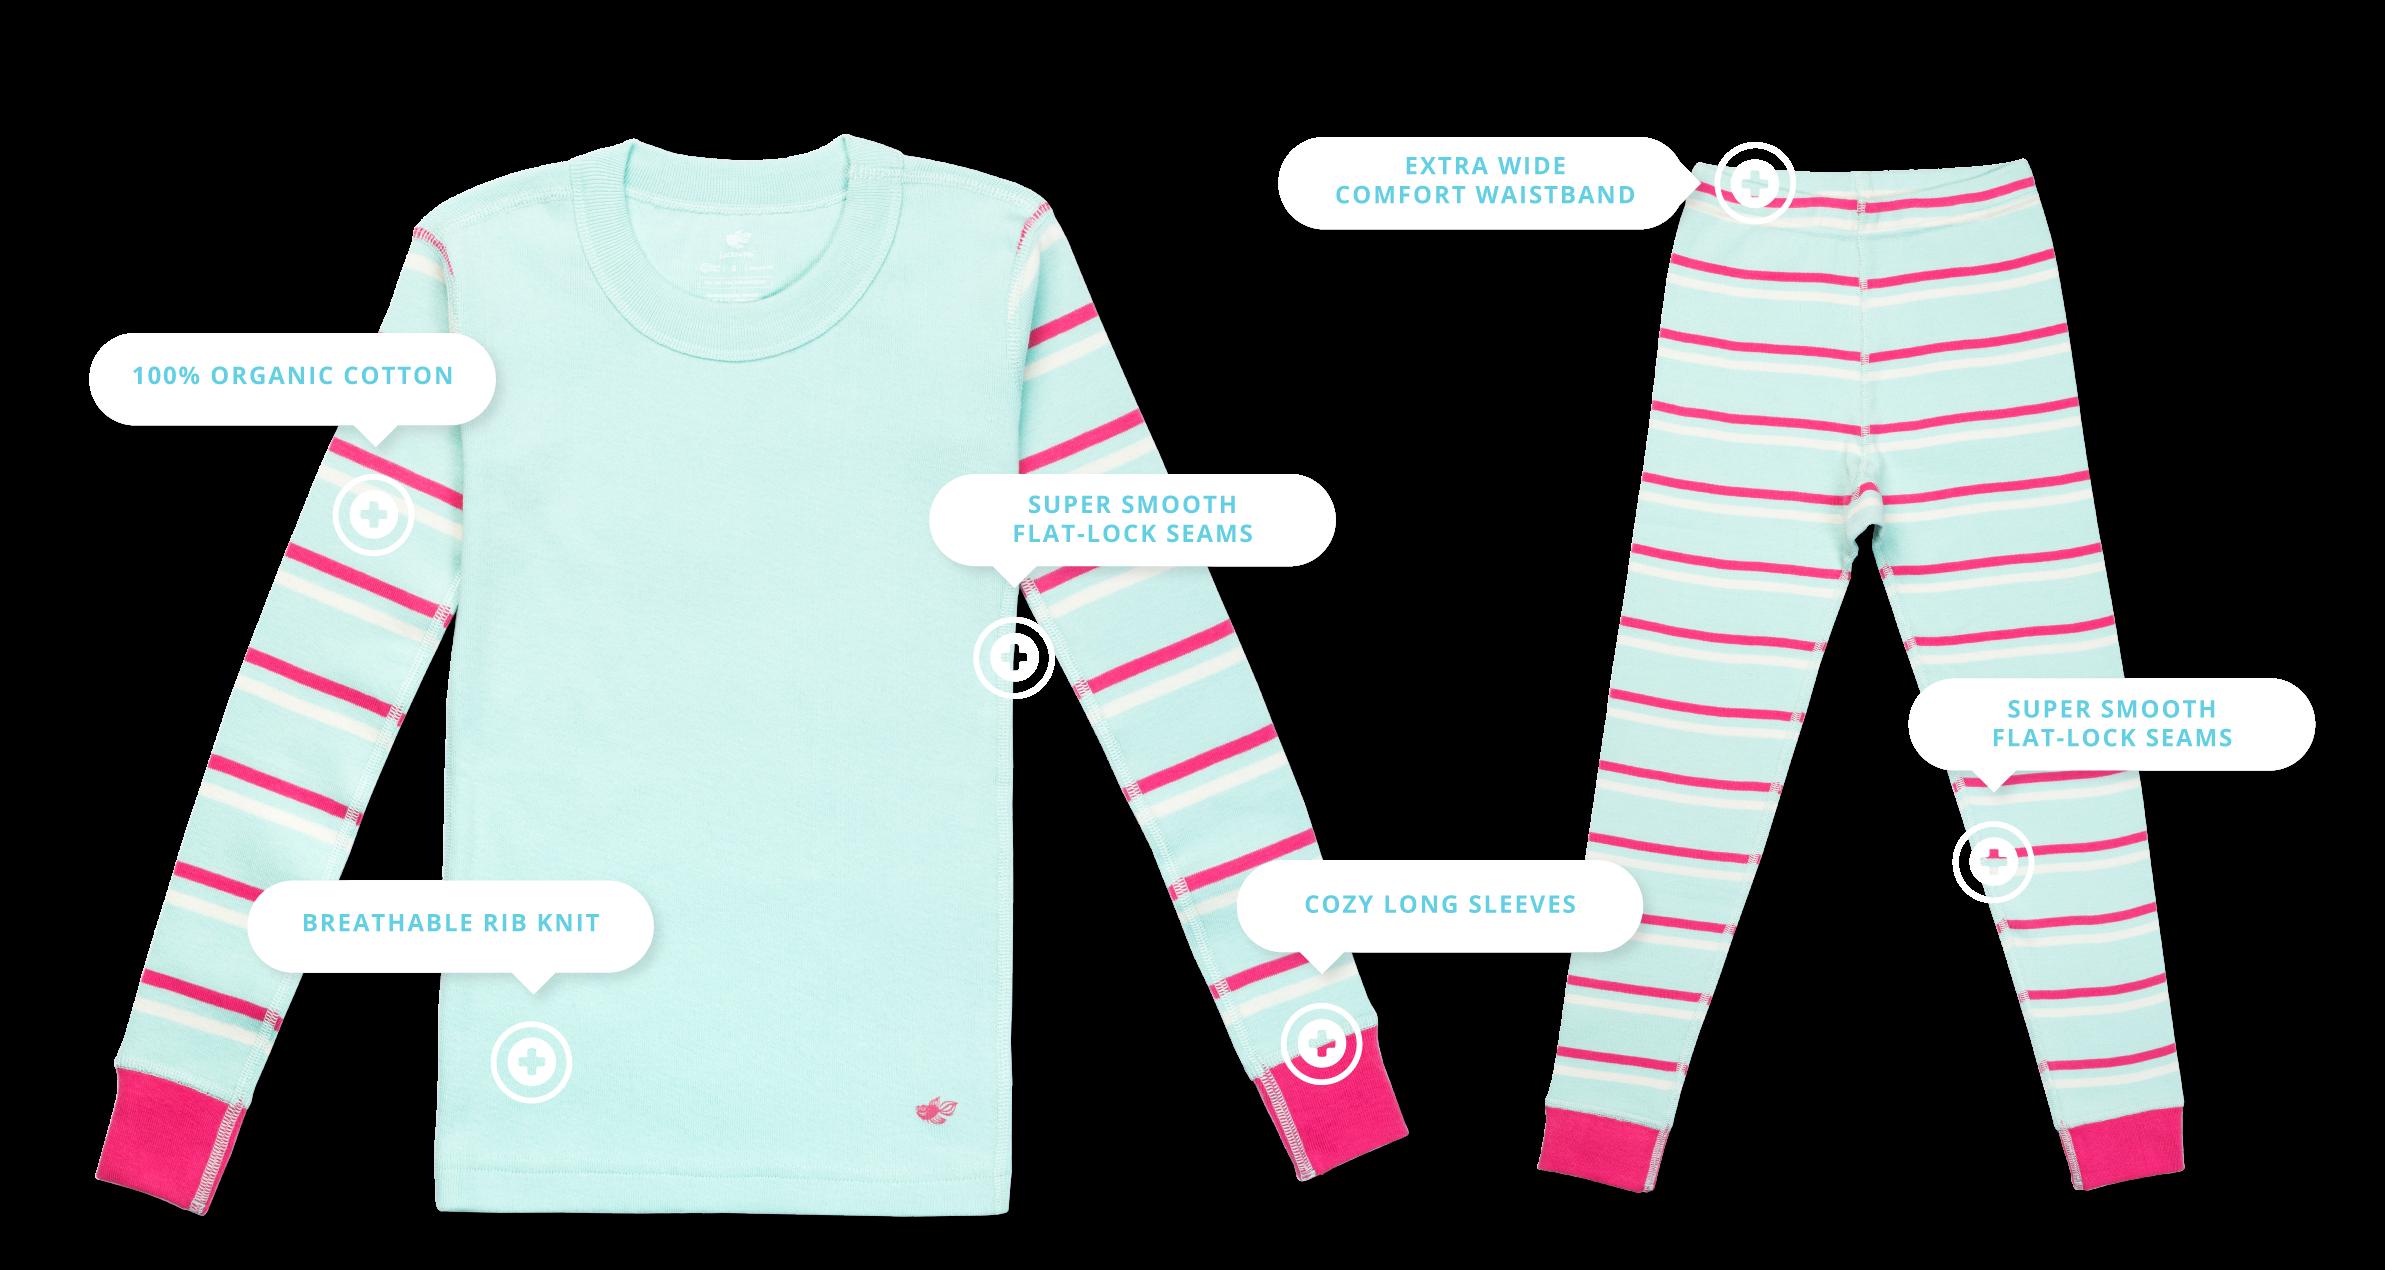 JoJo Kids Organic Cotton Pajamas - Features